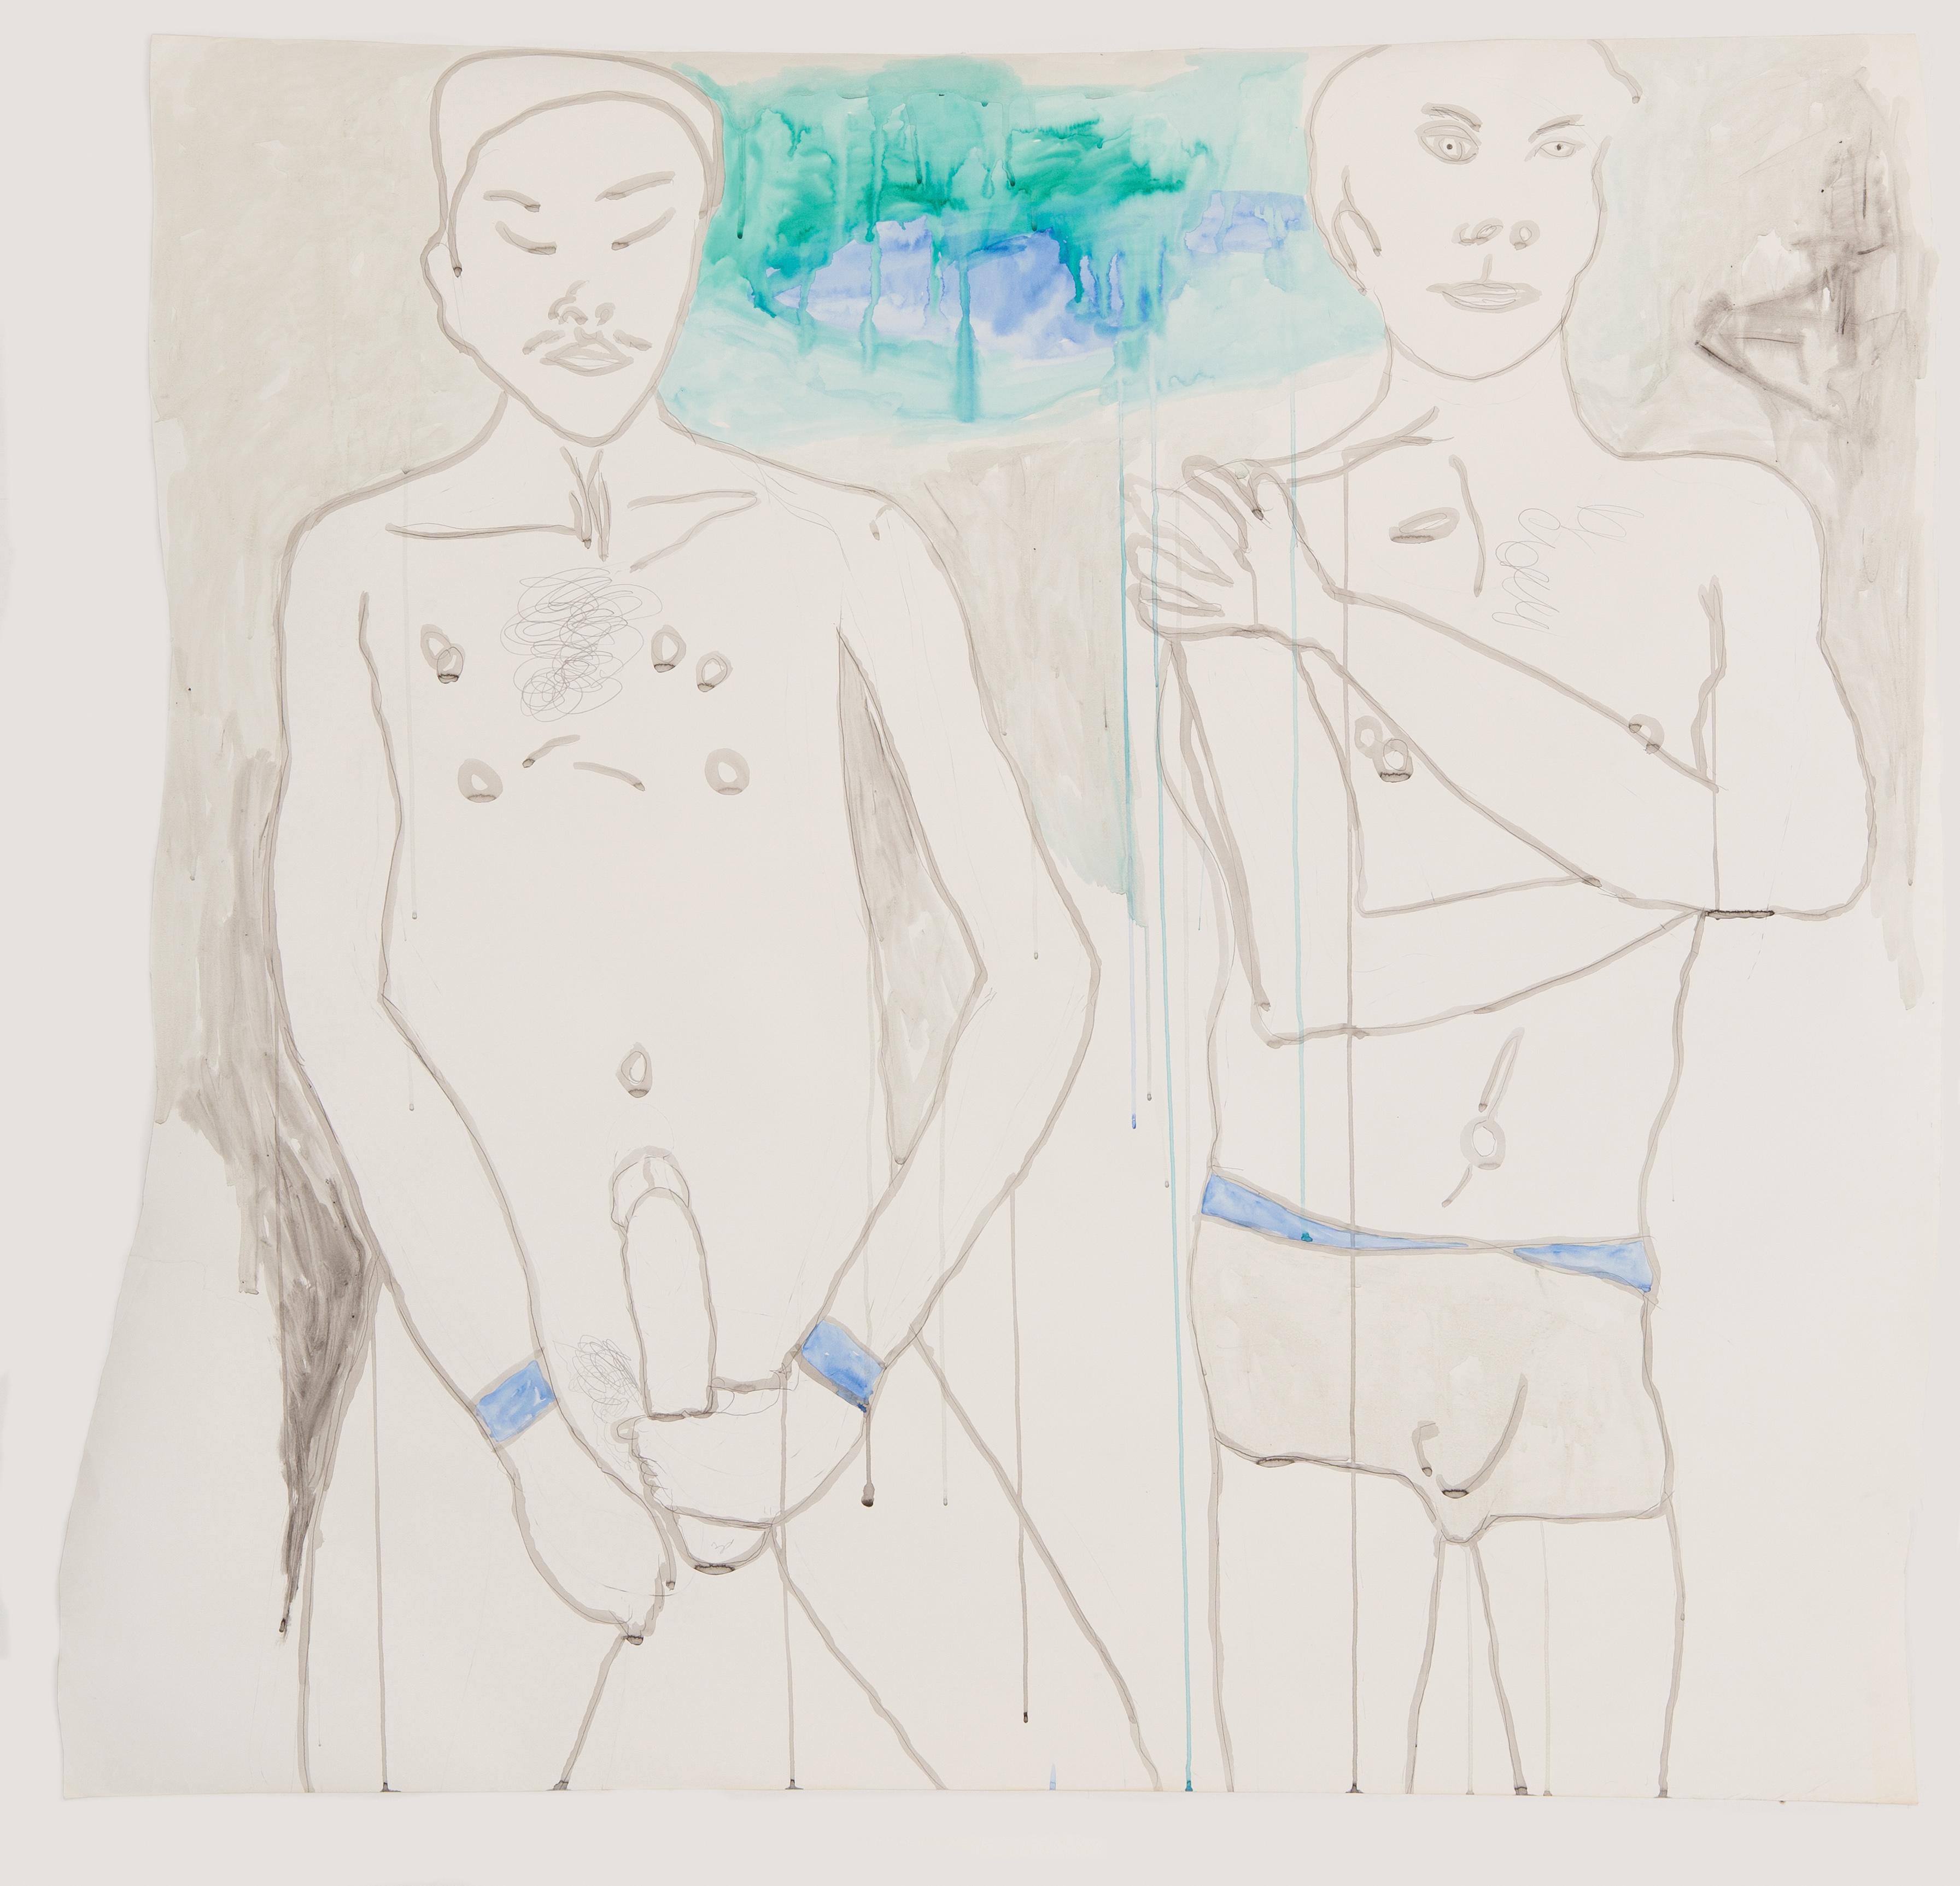 Moshekwa Langa - Untitled, 2007